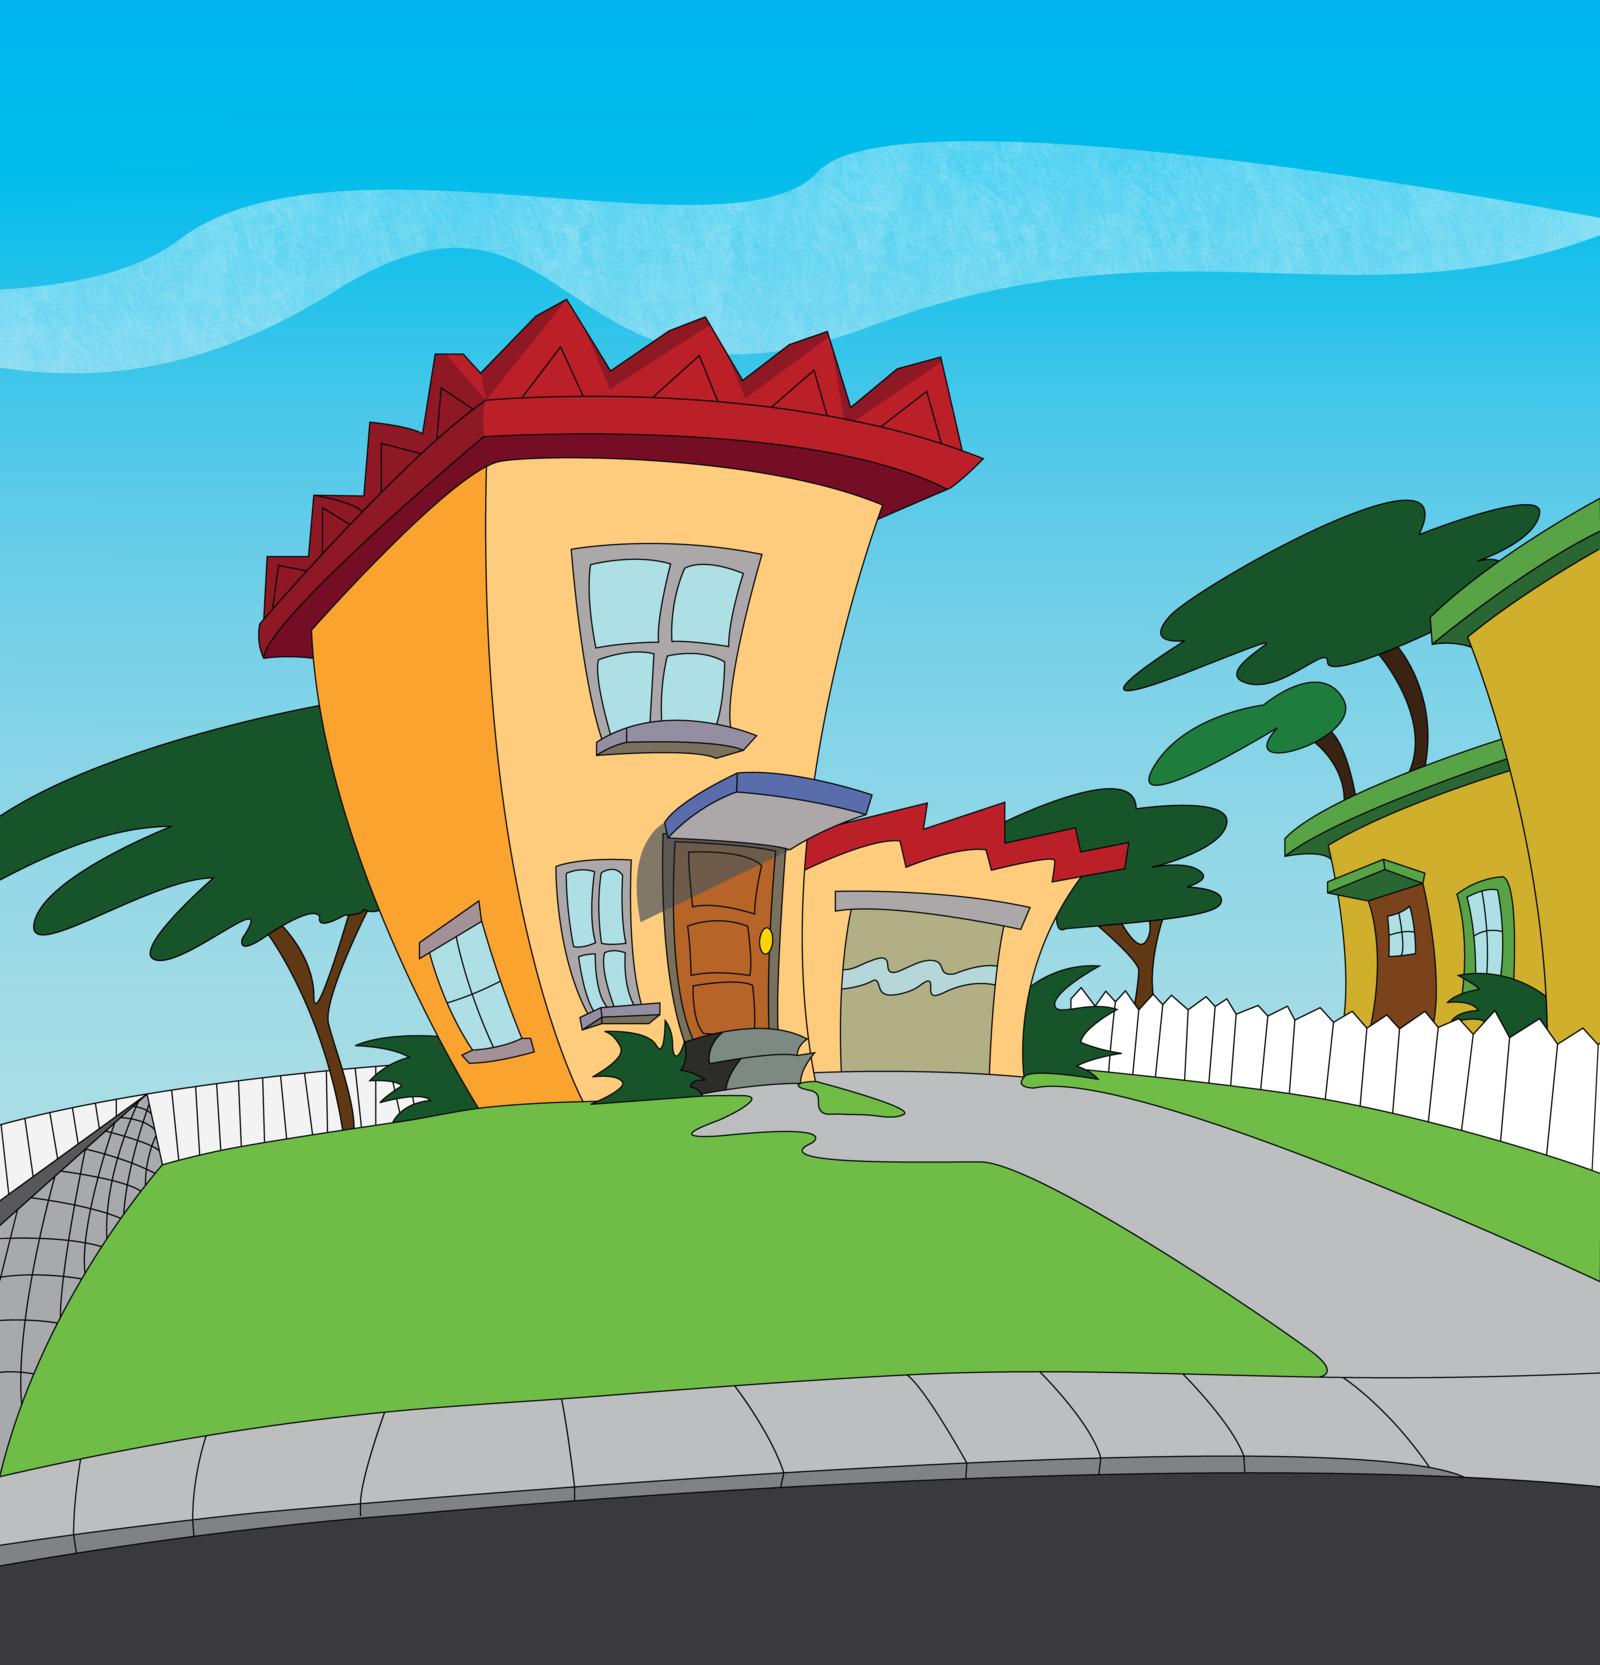 Ranking Las Casas De Los Dibujos Animados Más Famosos Goplaceit